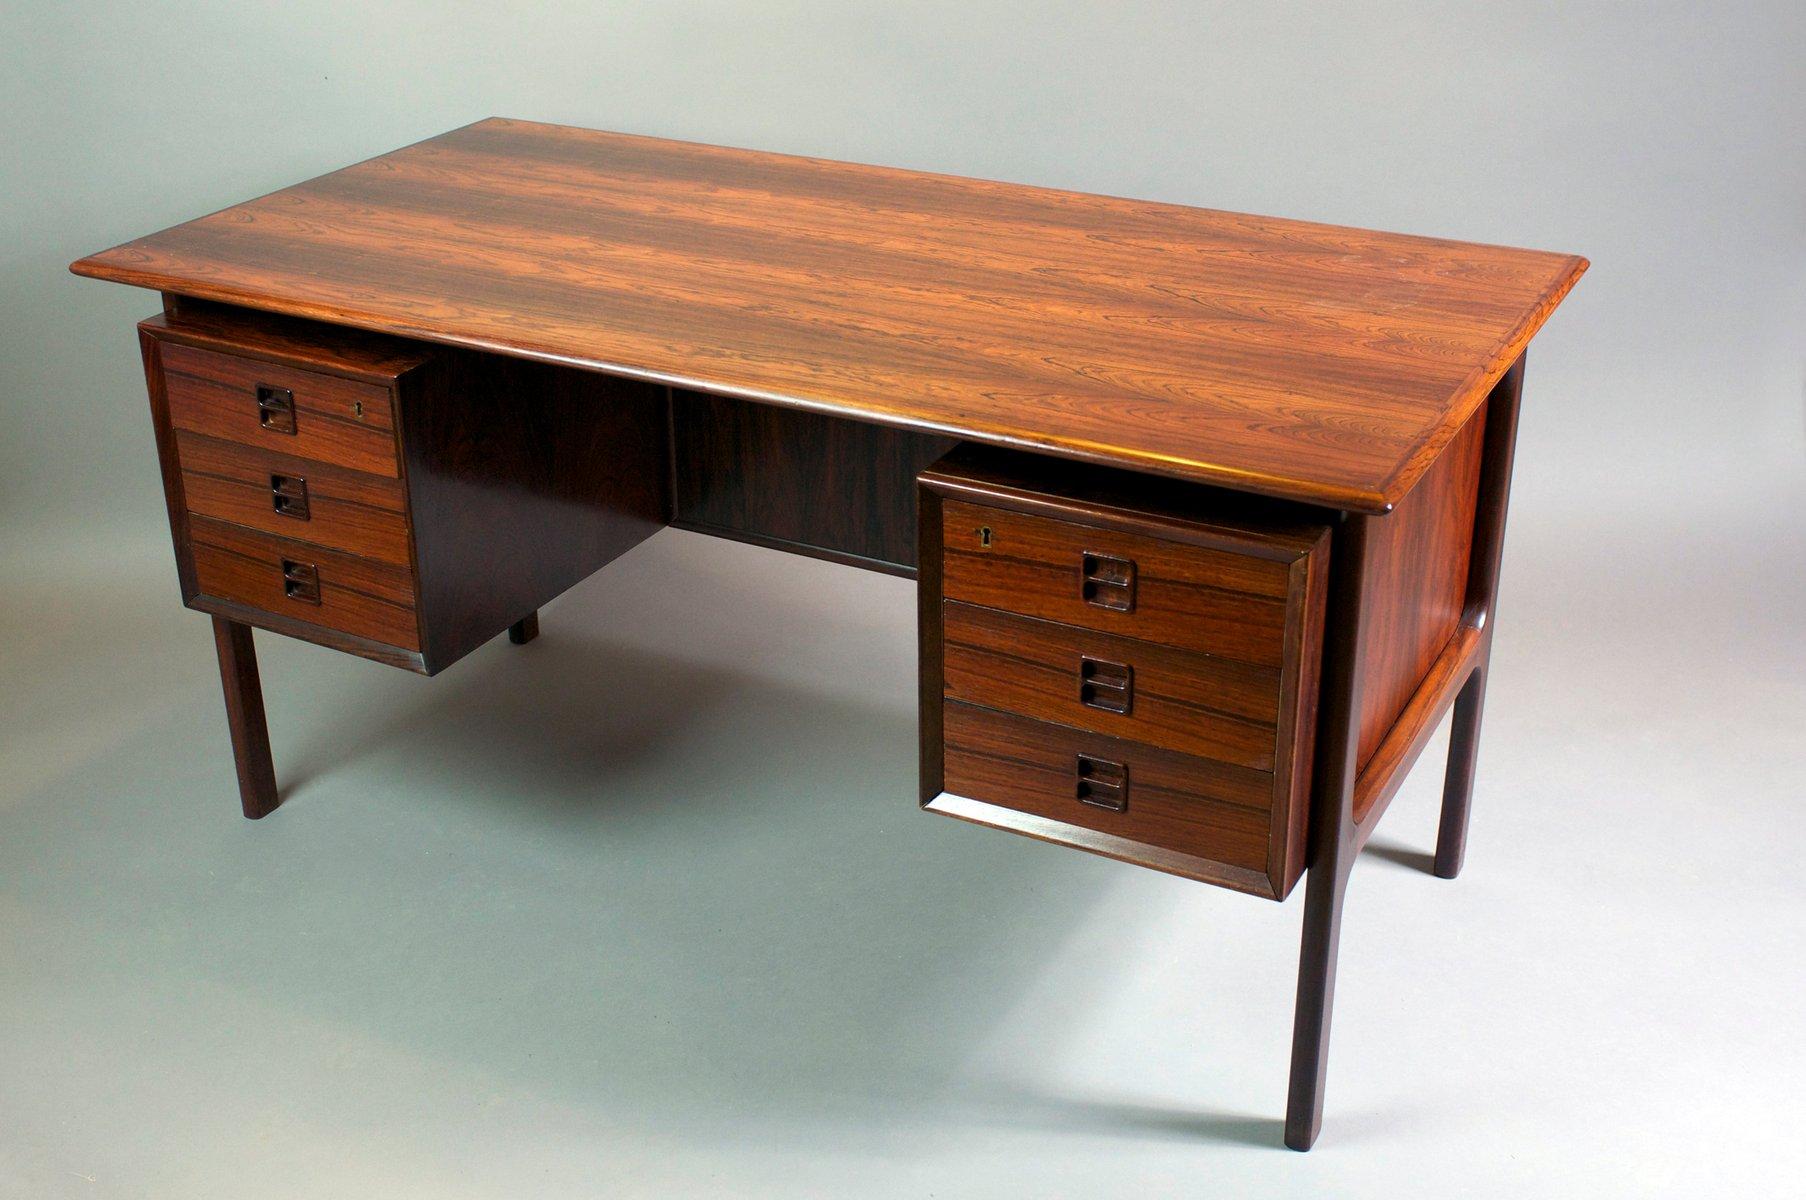 schreibtisch mit zwei unters tzen von arne vodder f r. Black Bedroom Furniture Sets. Home Design Ideas